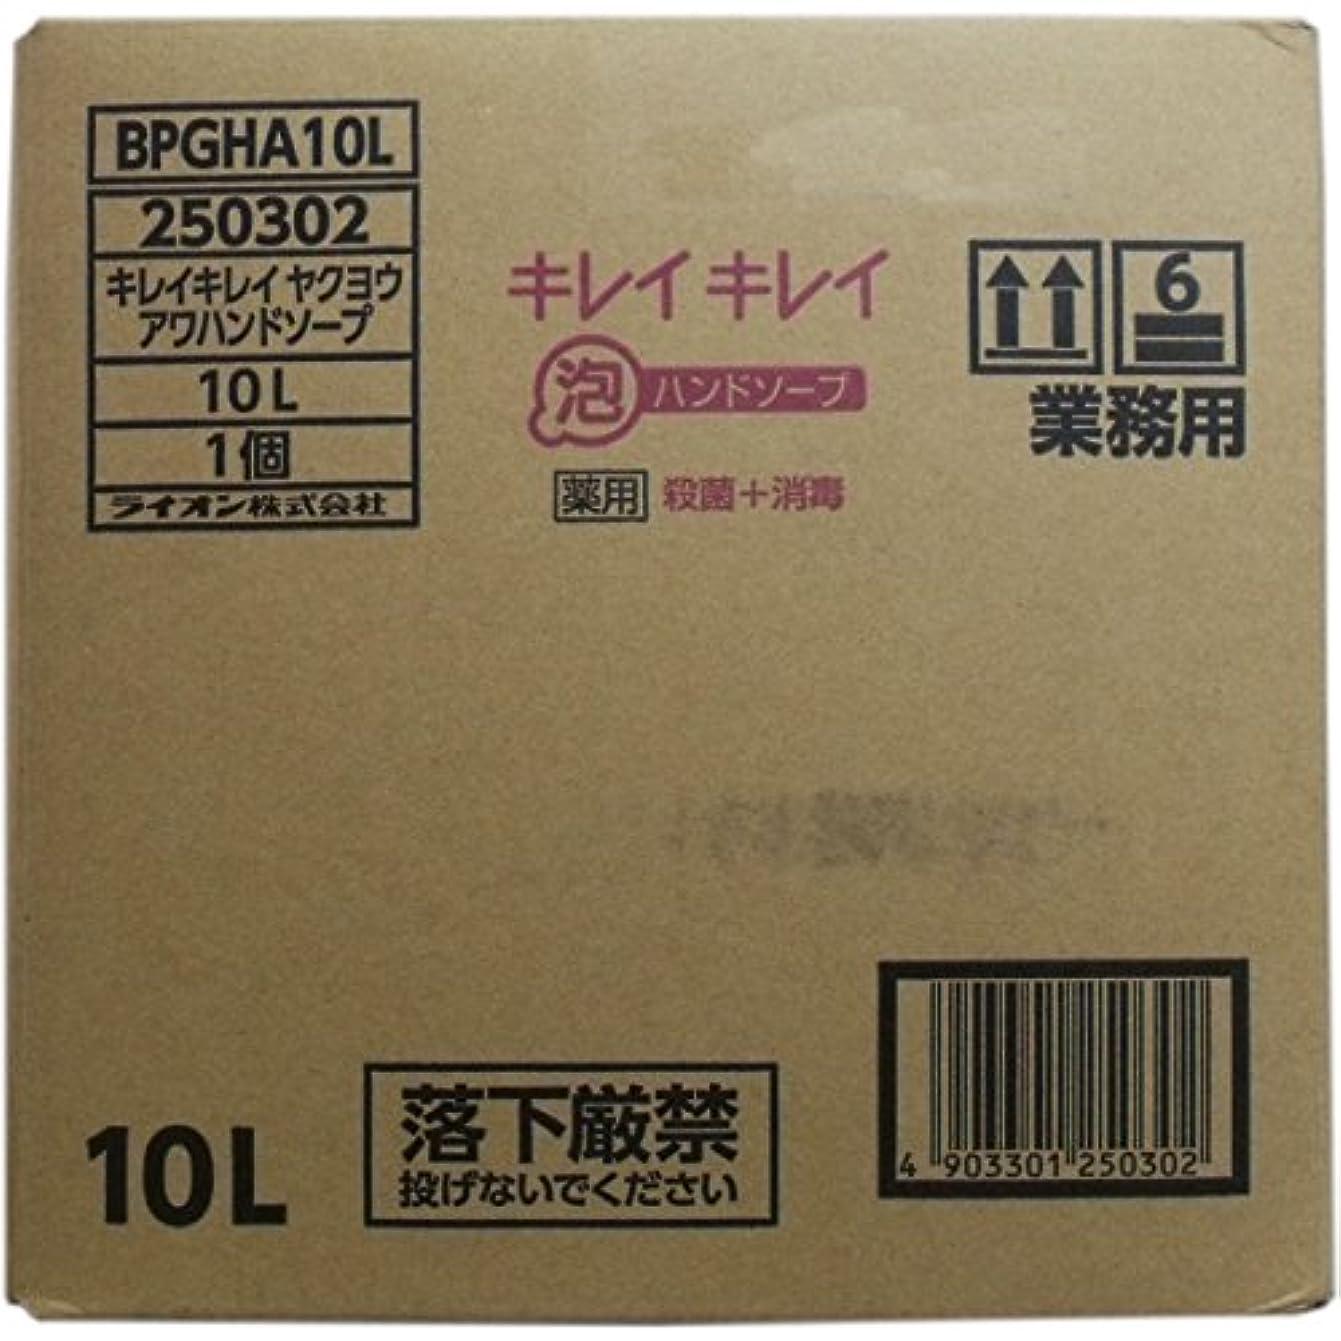 ファイターヘッジ辞任業務用キレイキレイ 薬用泡ハンドソープ 10L×10個セット